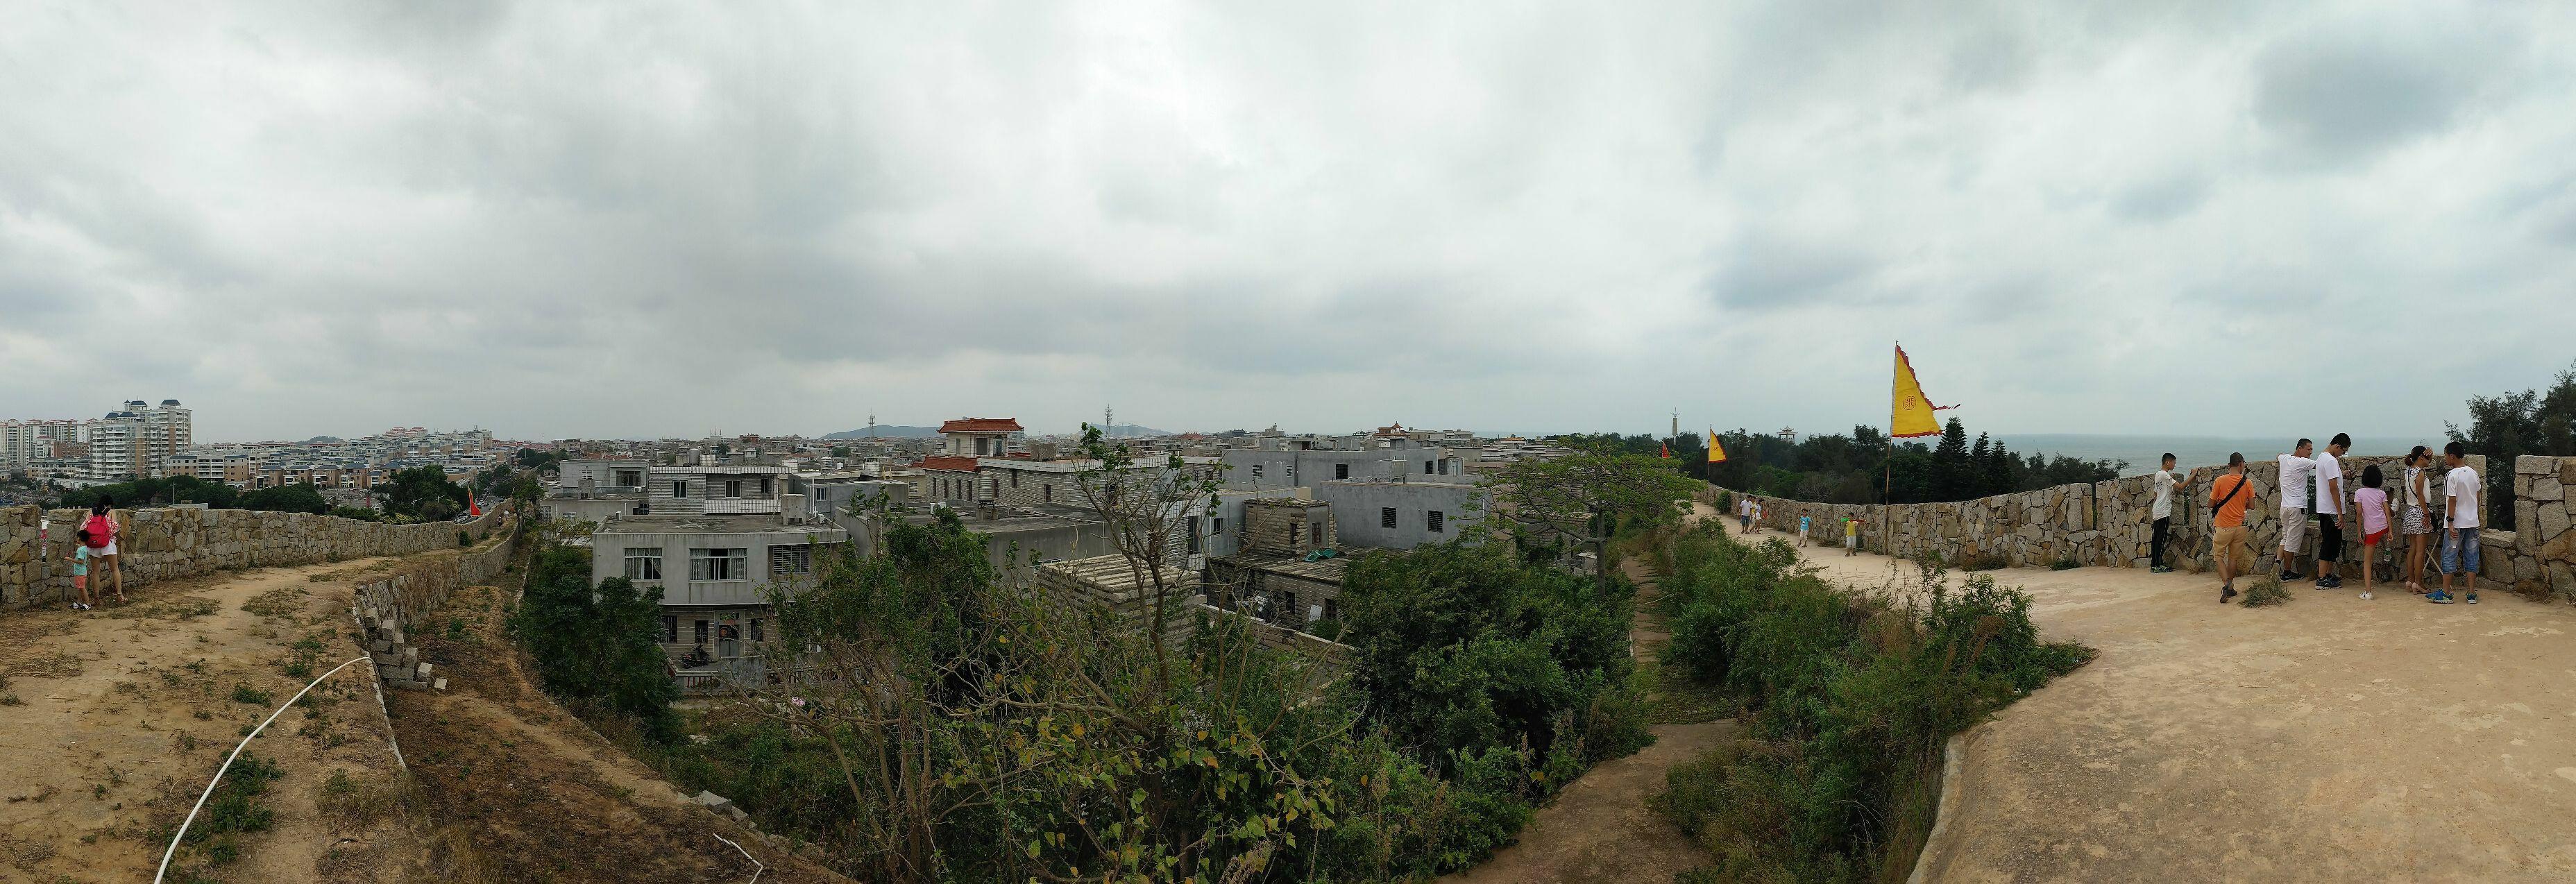 崇武古城位于惠安县东南海滨,濒临台湾海峡,是明洪武二十年(1387年)江夏侯周德兴为抵御倭寇所建。但至今,古城遗留下来的也只有一段古城墙了,所以,为了景区的可看性,古城植入了惠安的绝活石雕。 整体而言,崇武古城的看点有3大块:古城墙、石雕和海边的岩礁。 崇武古城的房屋不是用红砖而是用整块方形大石建成,所以又被叫做石头城。虽然年代久远,但是用石头砌成的城墙依旧很完整。城墙内有几个村子,也都是石头砌成的房子。古城城墙内免费参观,只有城墙到海边的一段才收费。这些城墙下的居民区还生活着整个崇武最早的居民,也就是